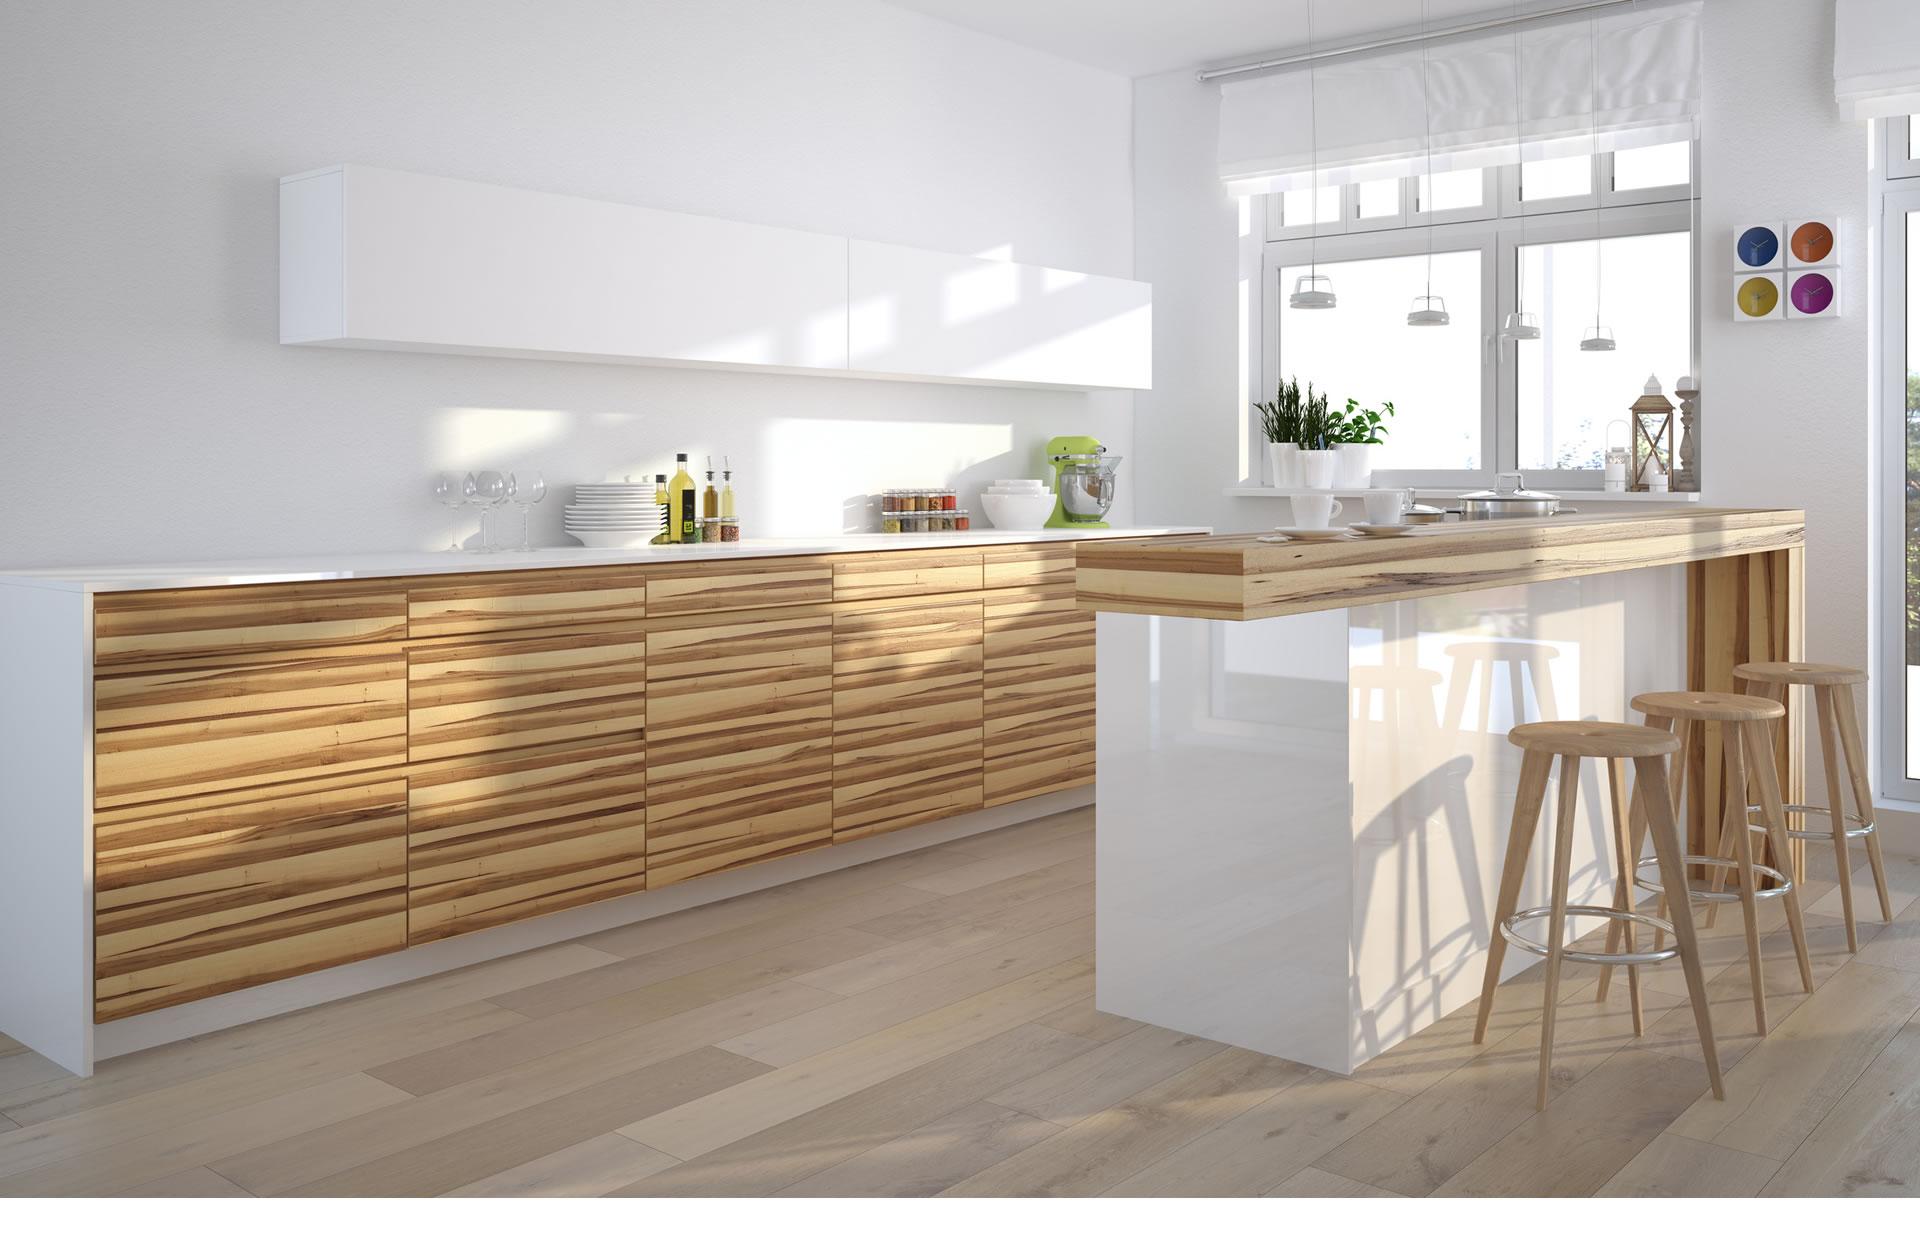 Ausgezeichnet Freie Küche Renovieren Wettbewerb Galerie - Küche Set ...